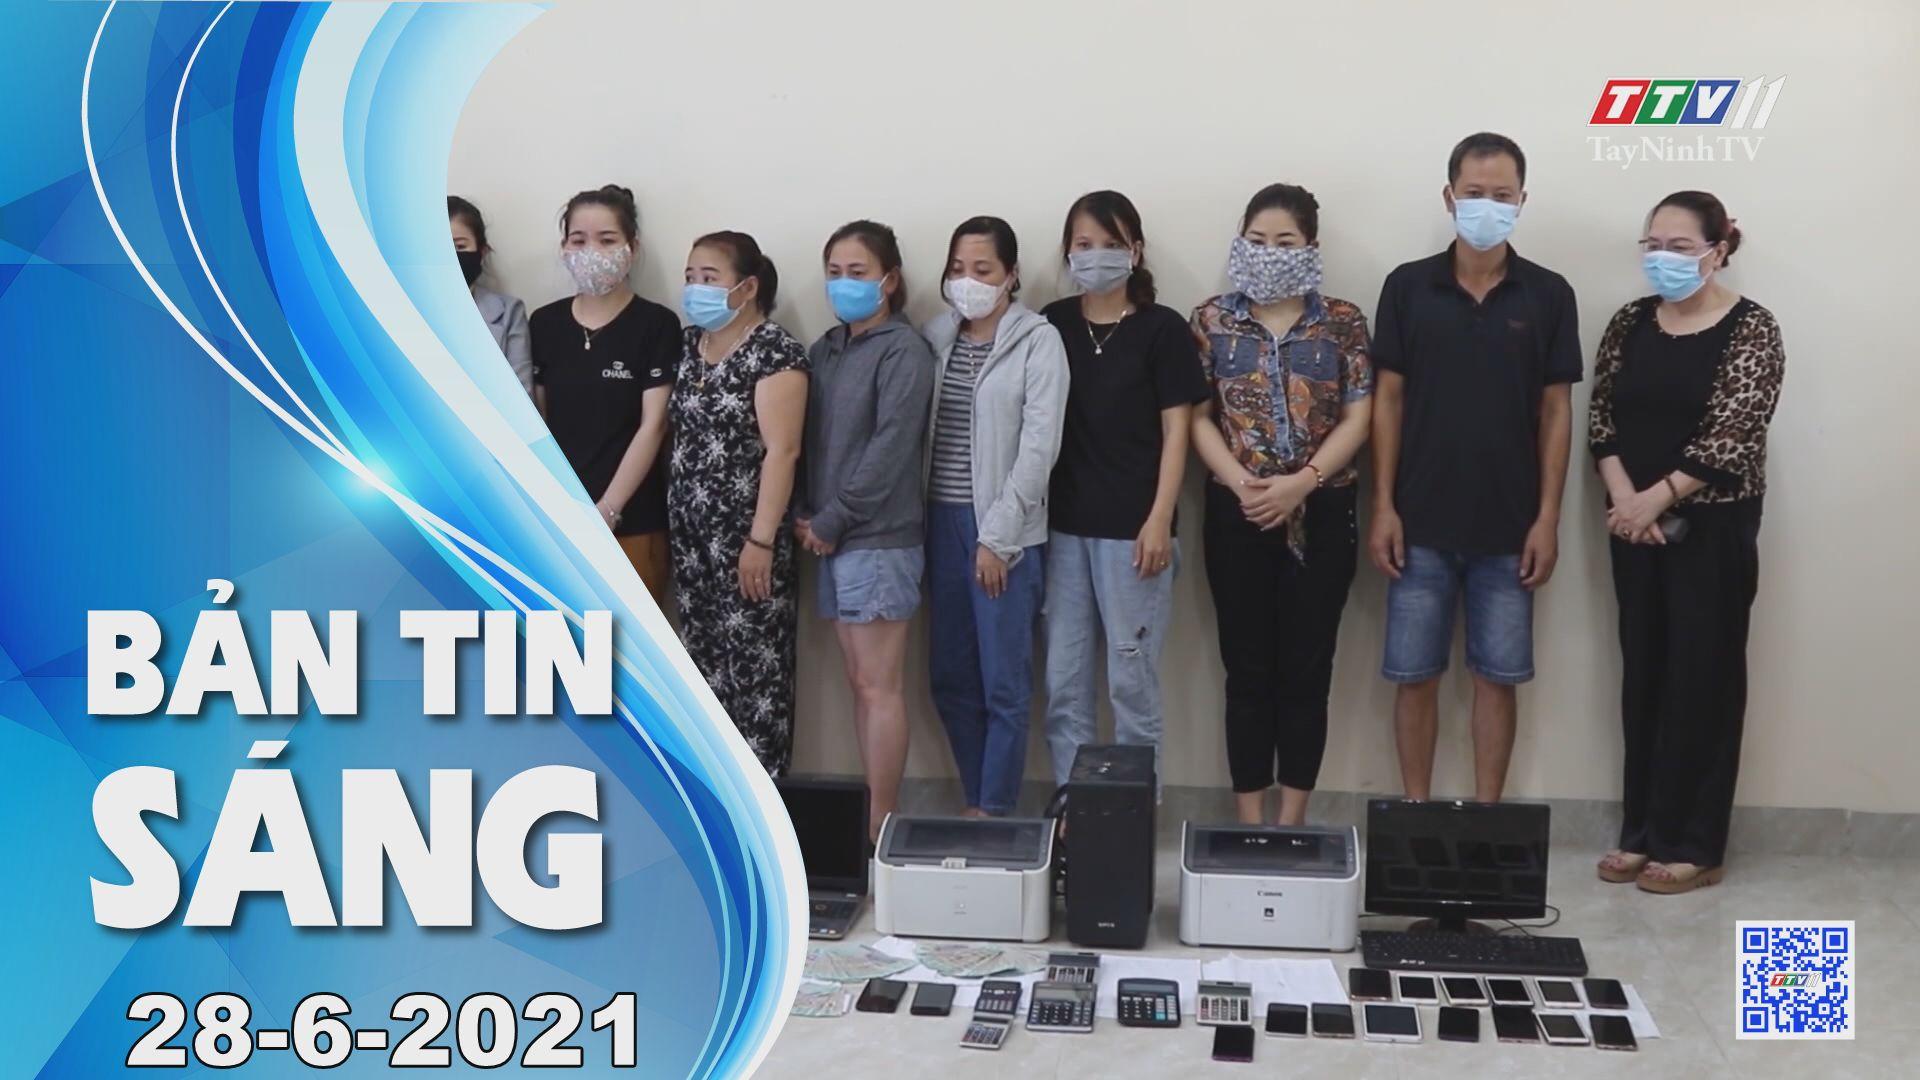 Bản tin sáng 28-6-2021   Tin tức hôm nay   TayNinhTV